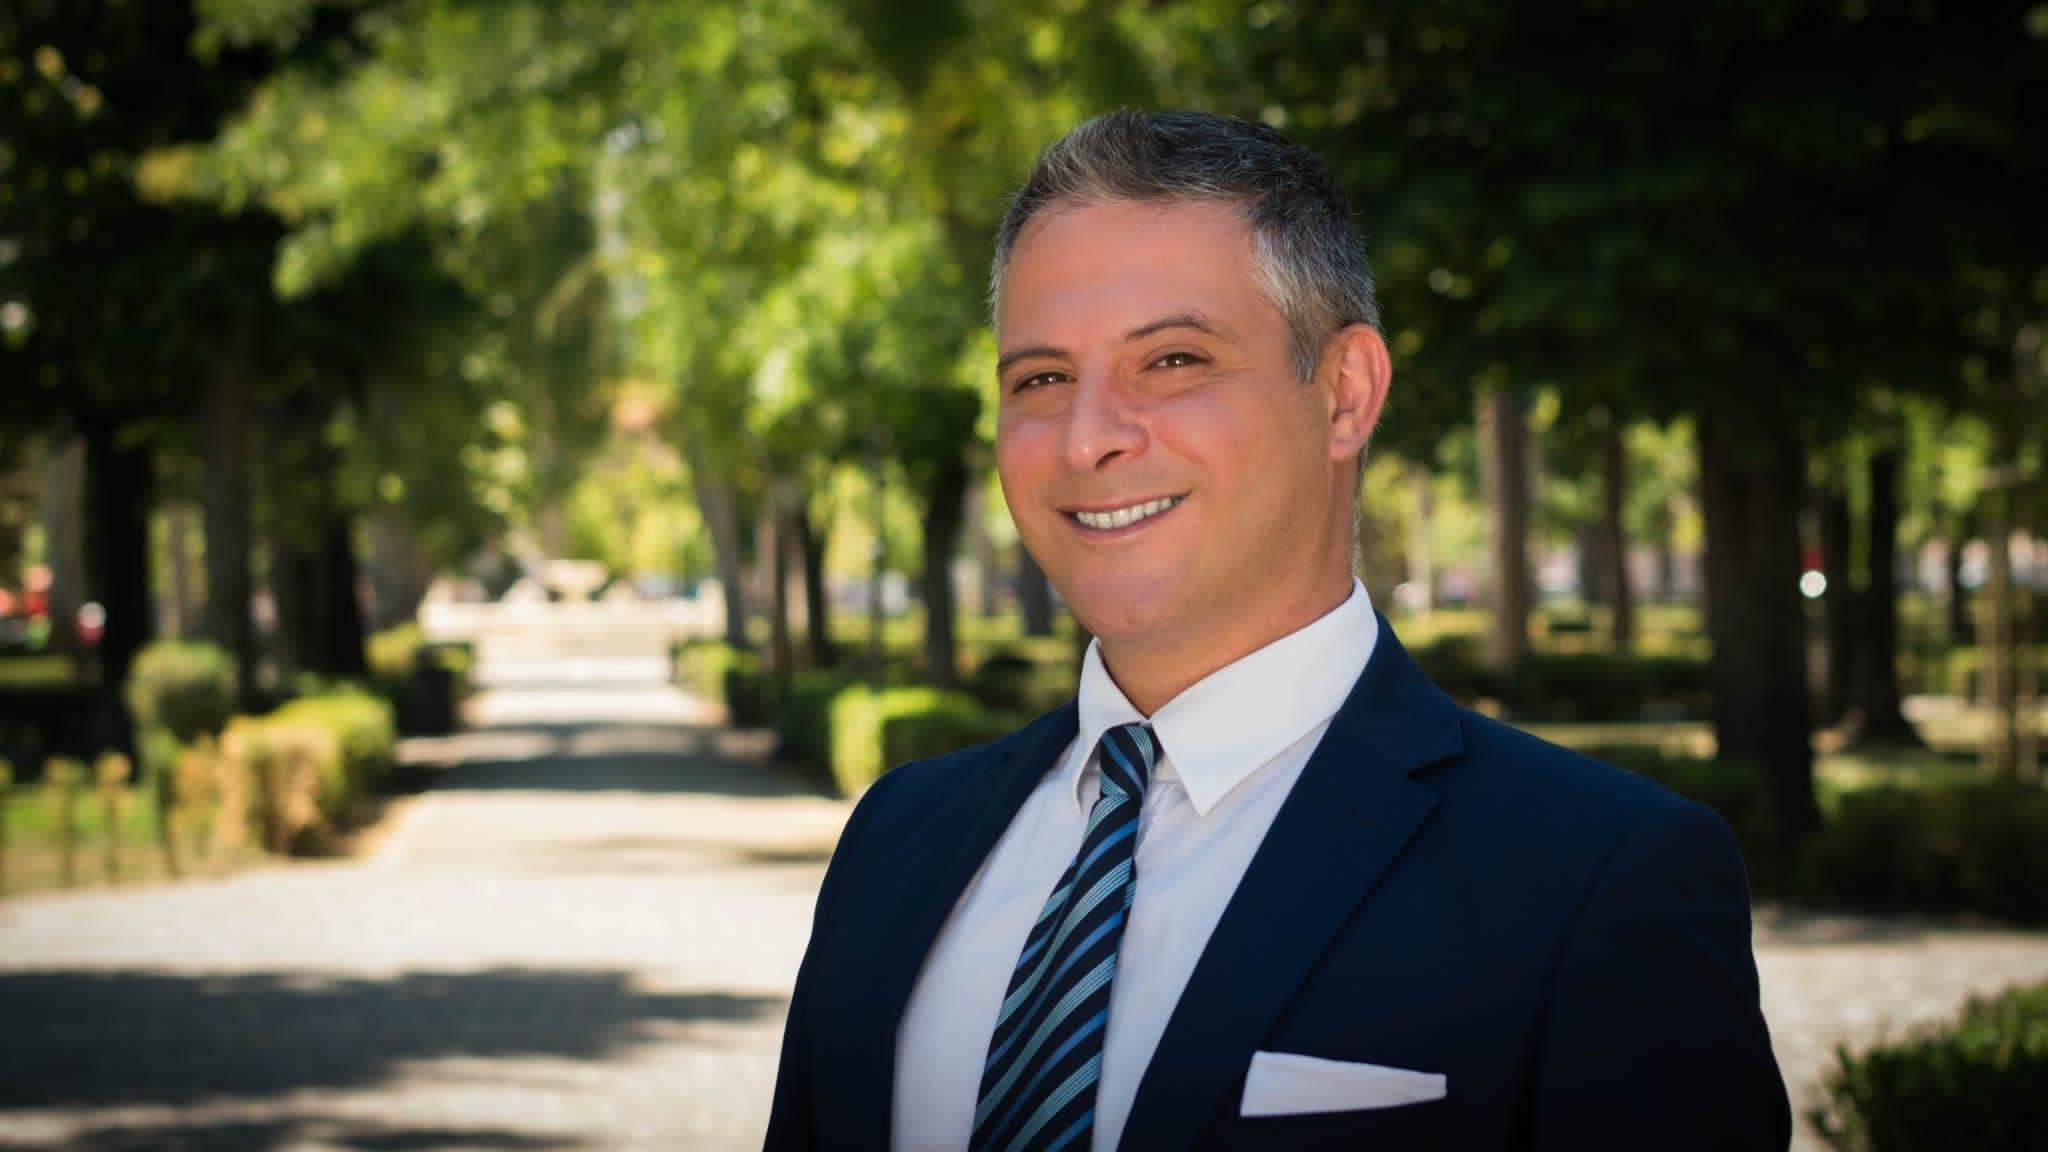 Elezioni Avezzano, i propositi di Milo Di Battista, candidato con la lista Riformisti per Avezzano nella coalizione che sostiene Gianni Di Pangrazio